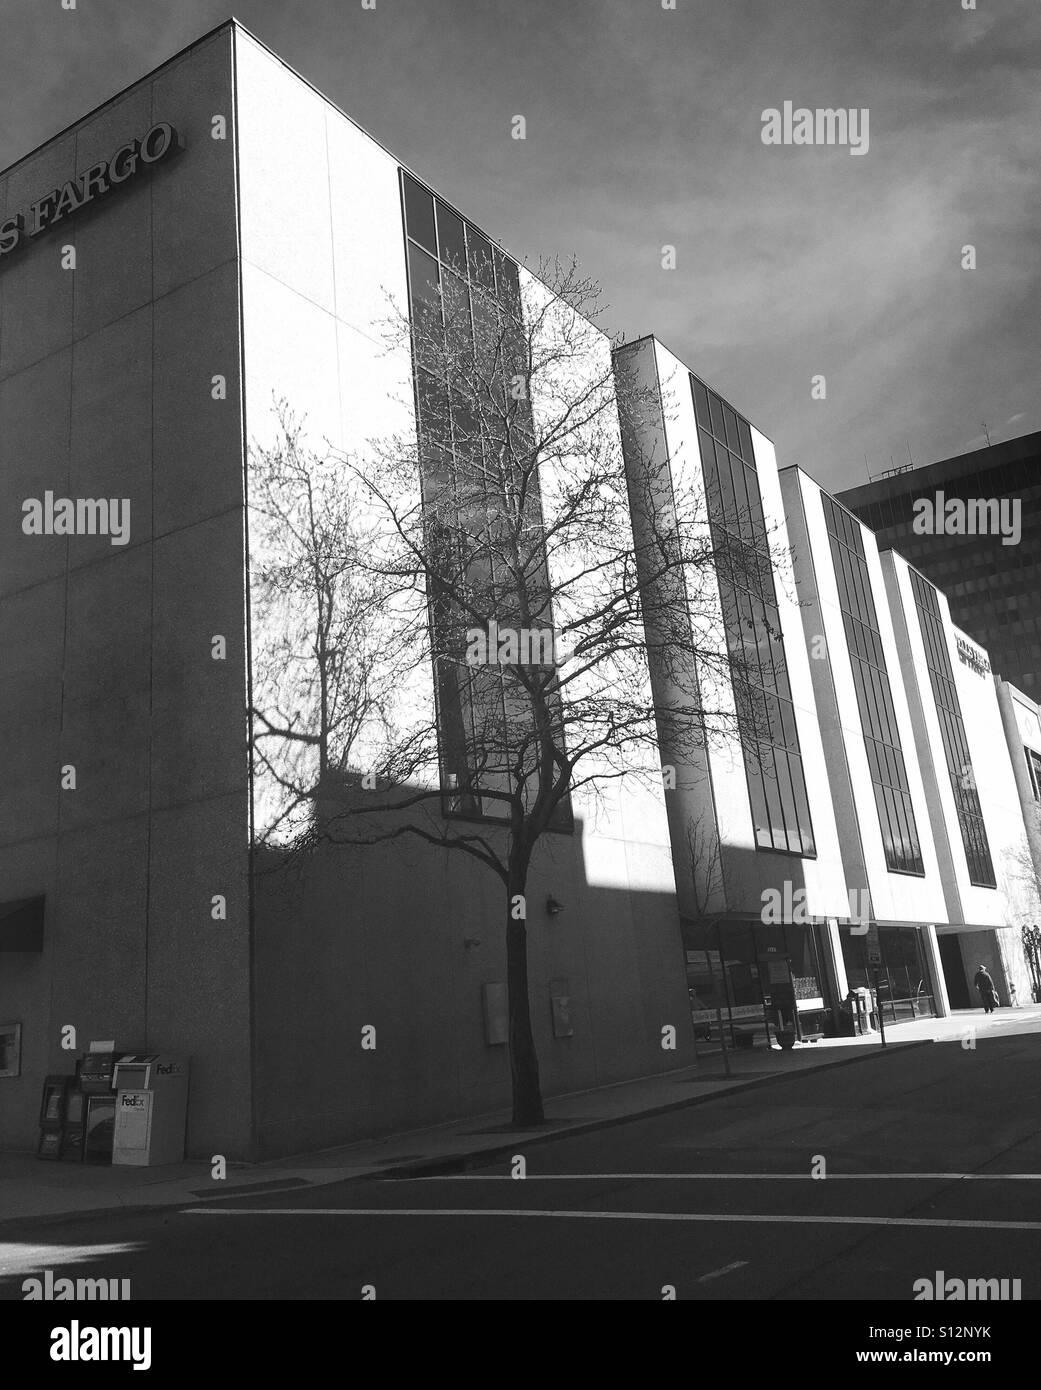 Wells Fargo bldg Asheville - Stock Image